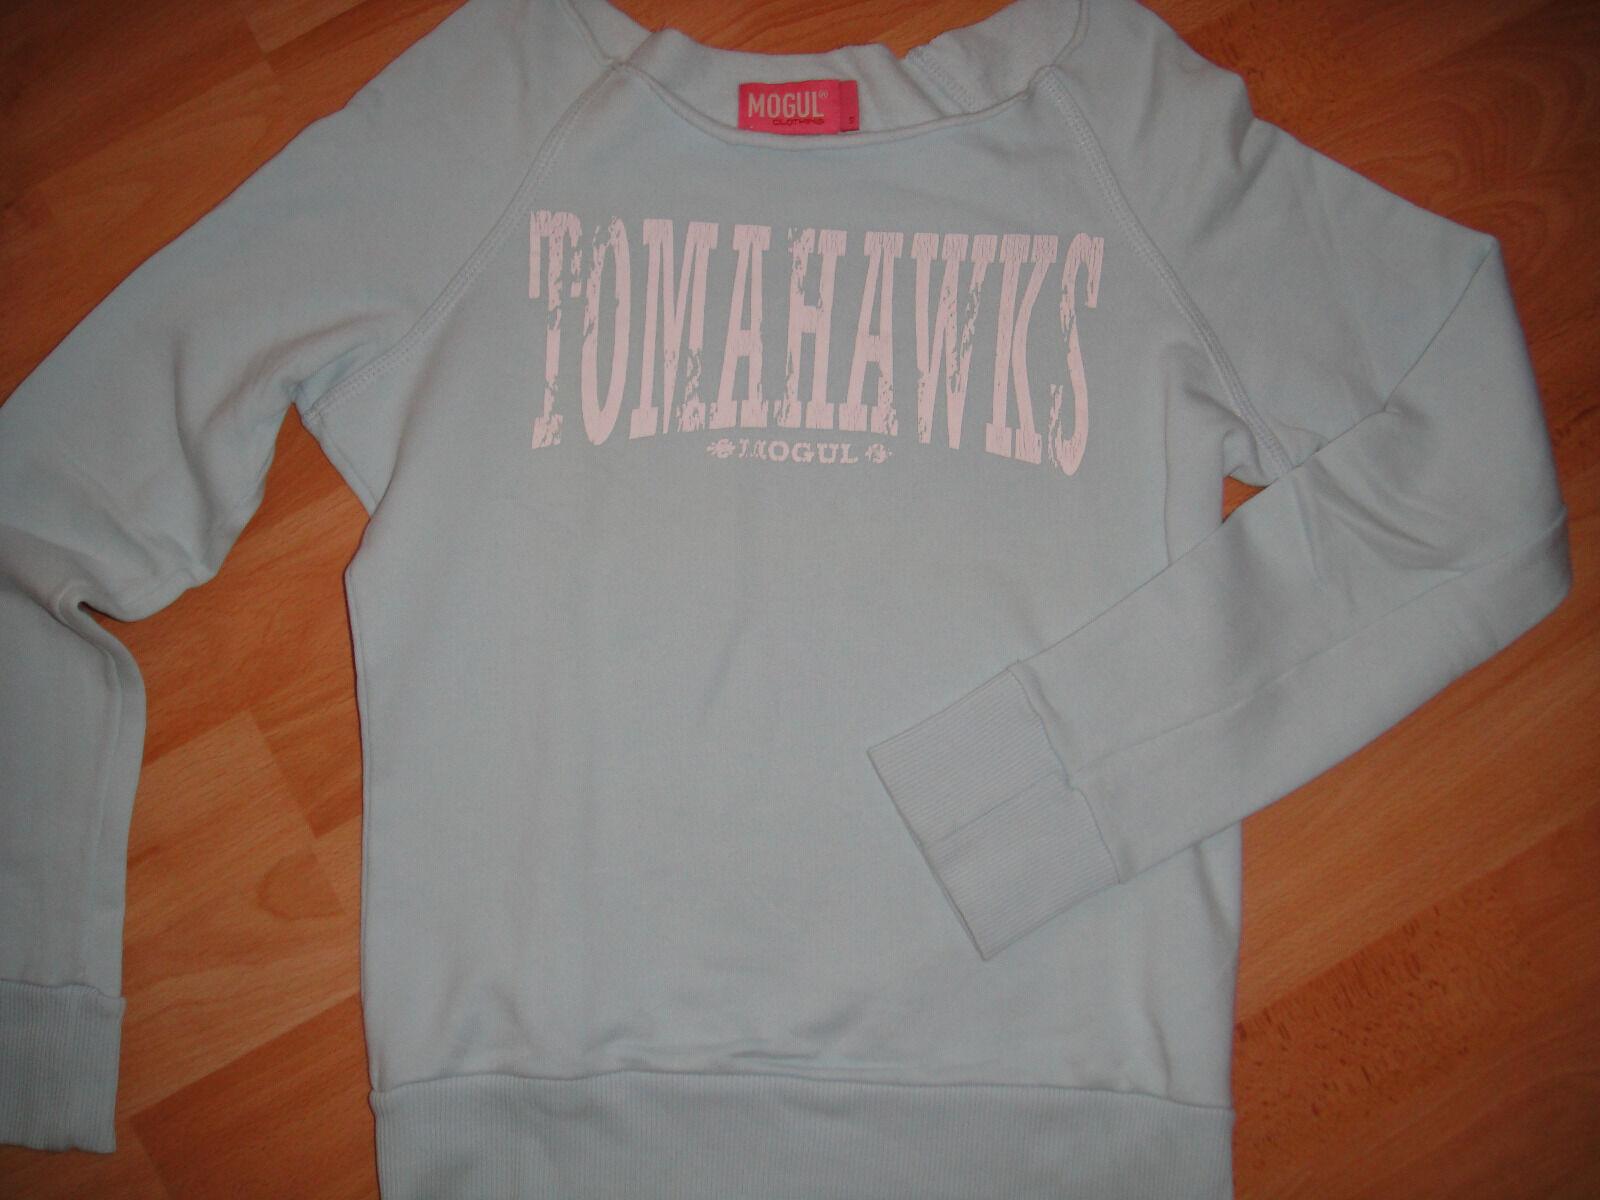 Mogul 💖 Damen Sweatshirt Pullover ♡ kurz 💖 Gr. S ♡ hellblau 💜 Top Zustand ♡